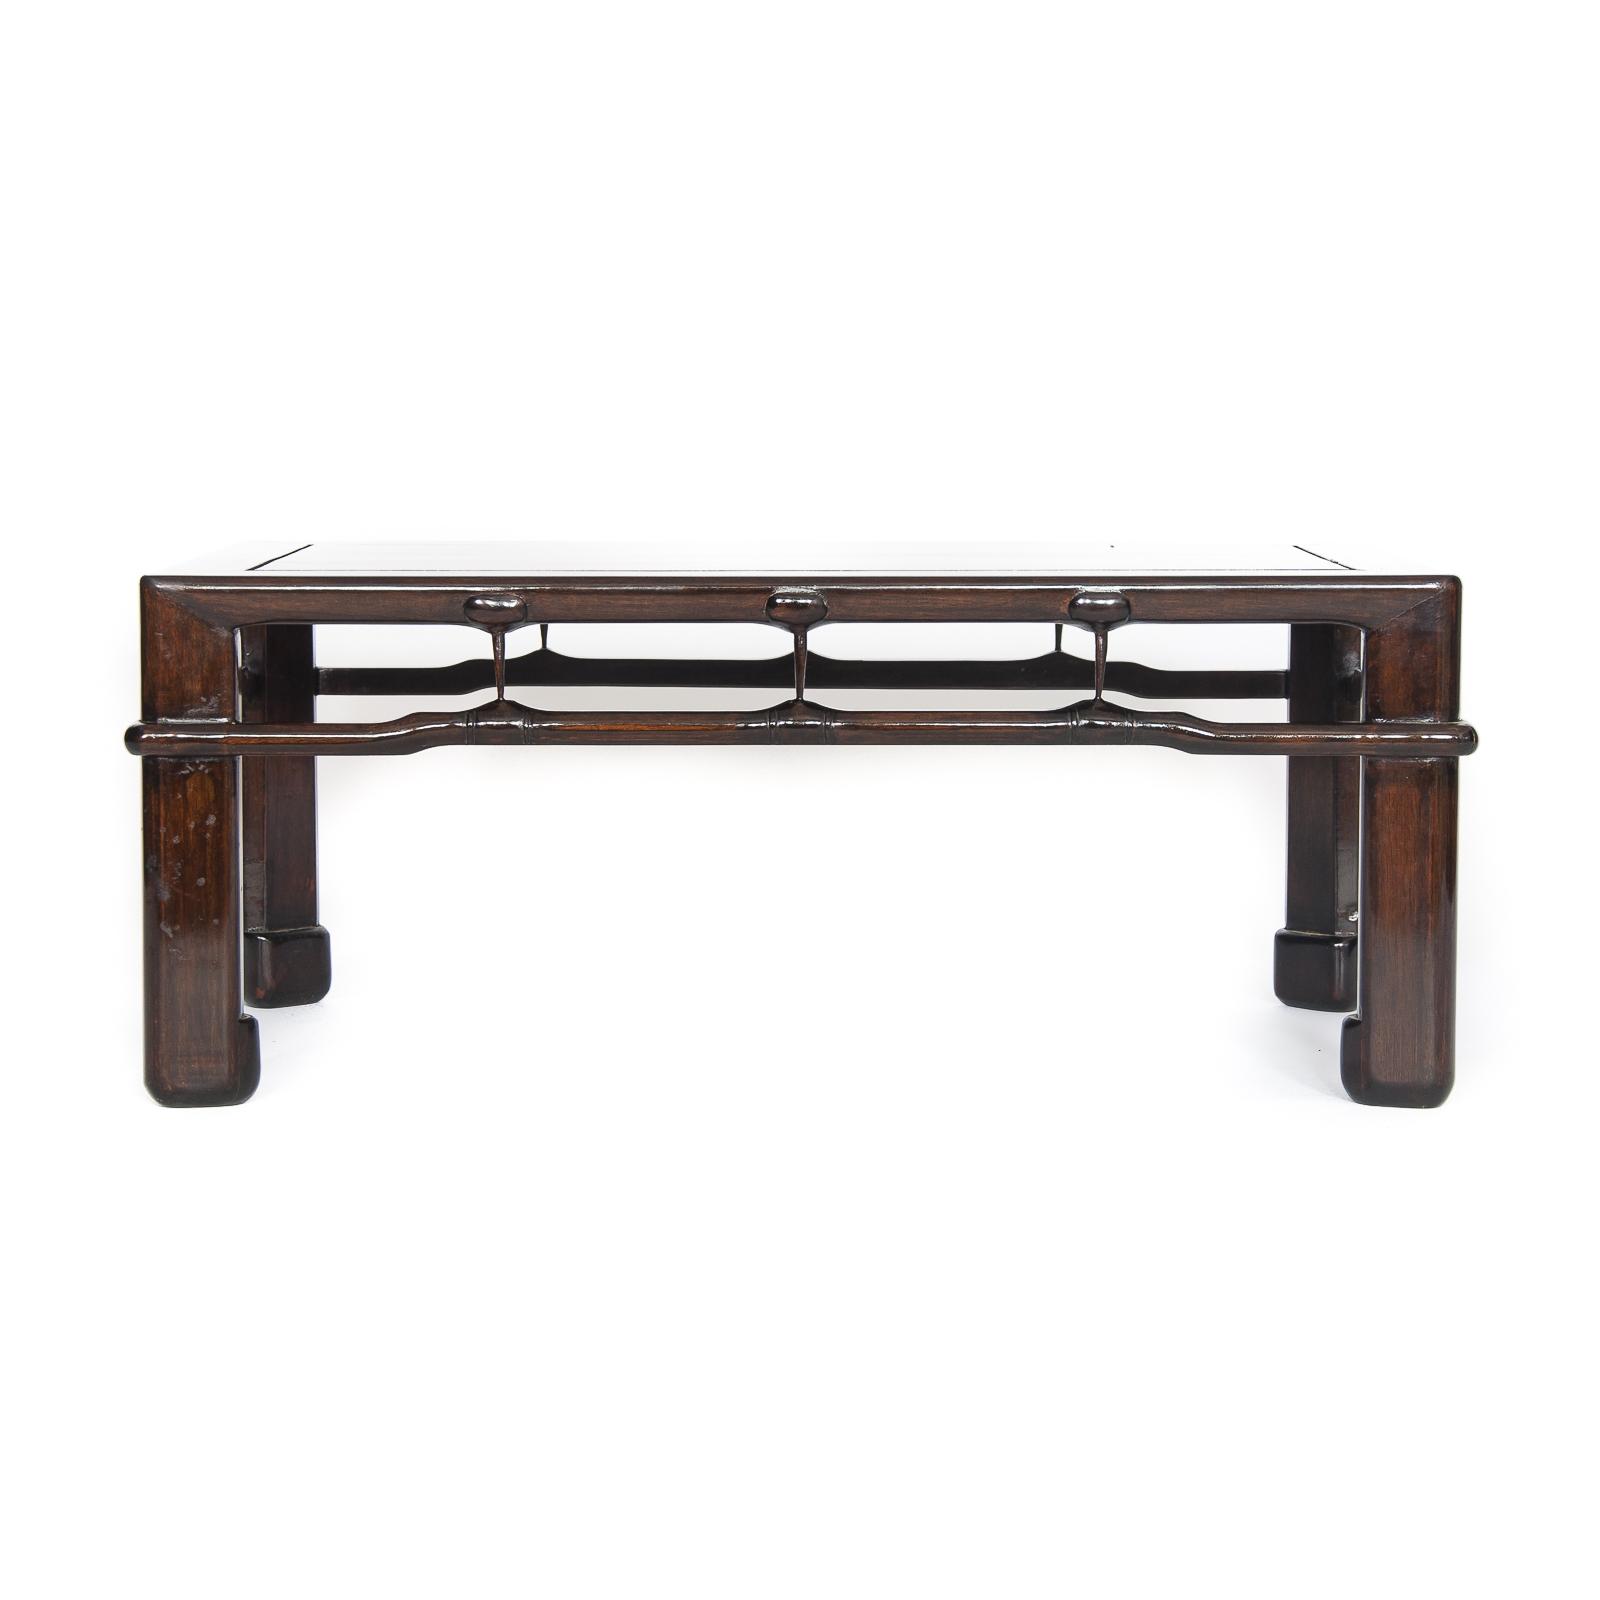 Table used MU-003